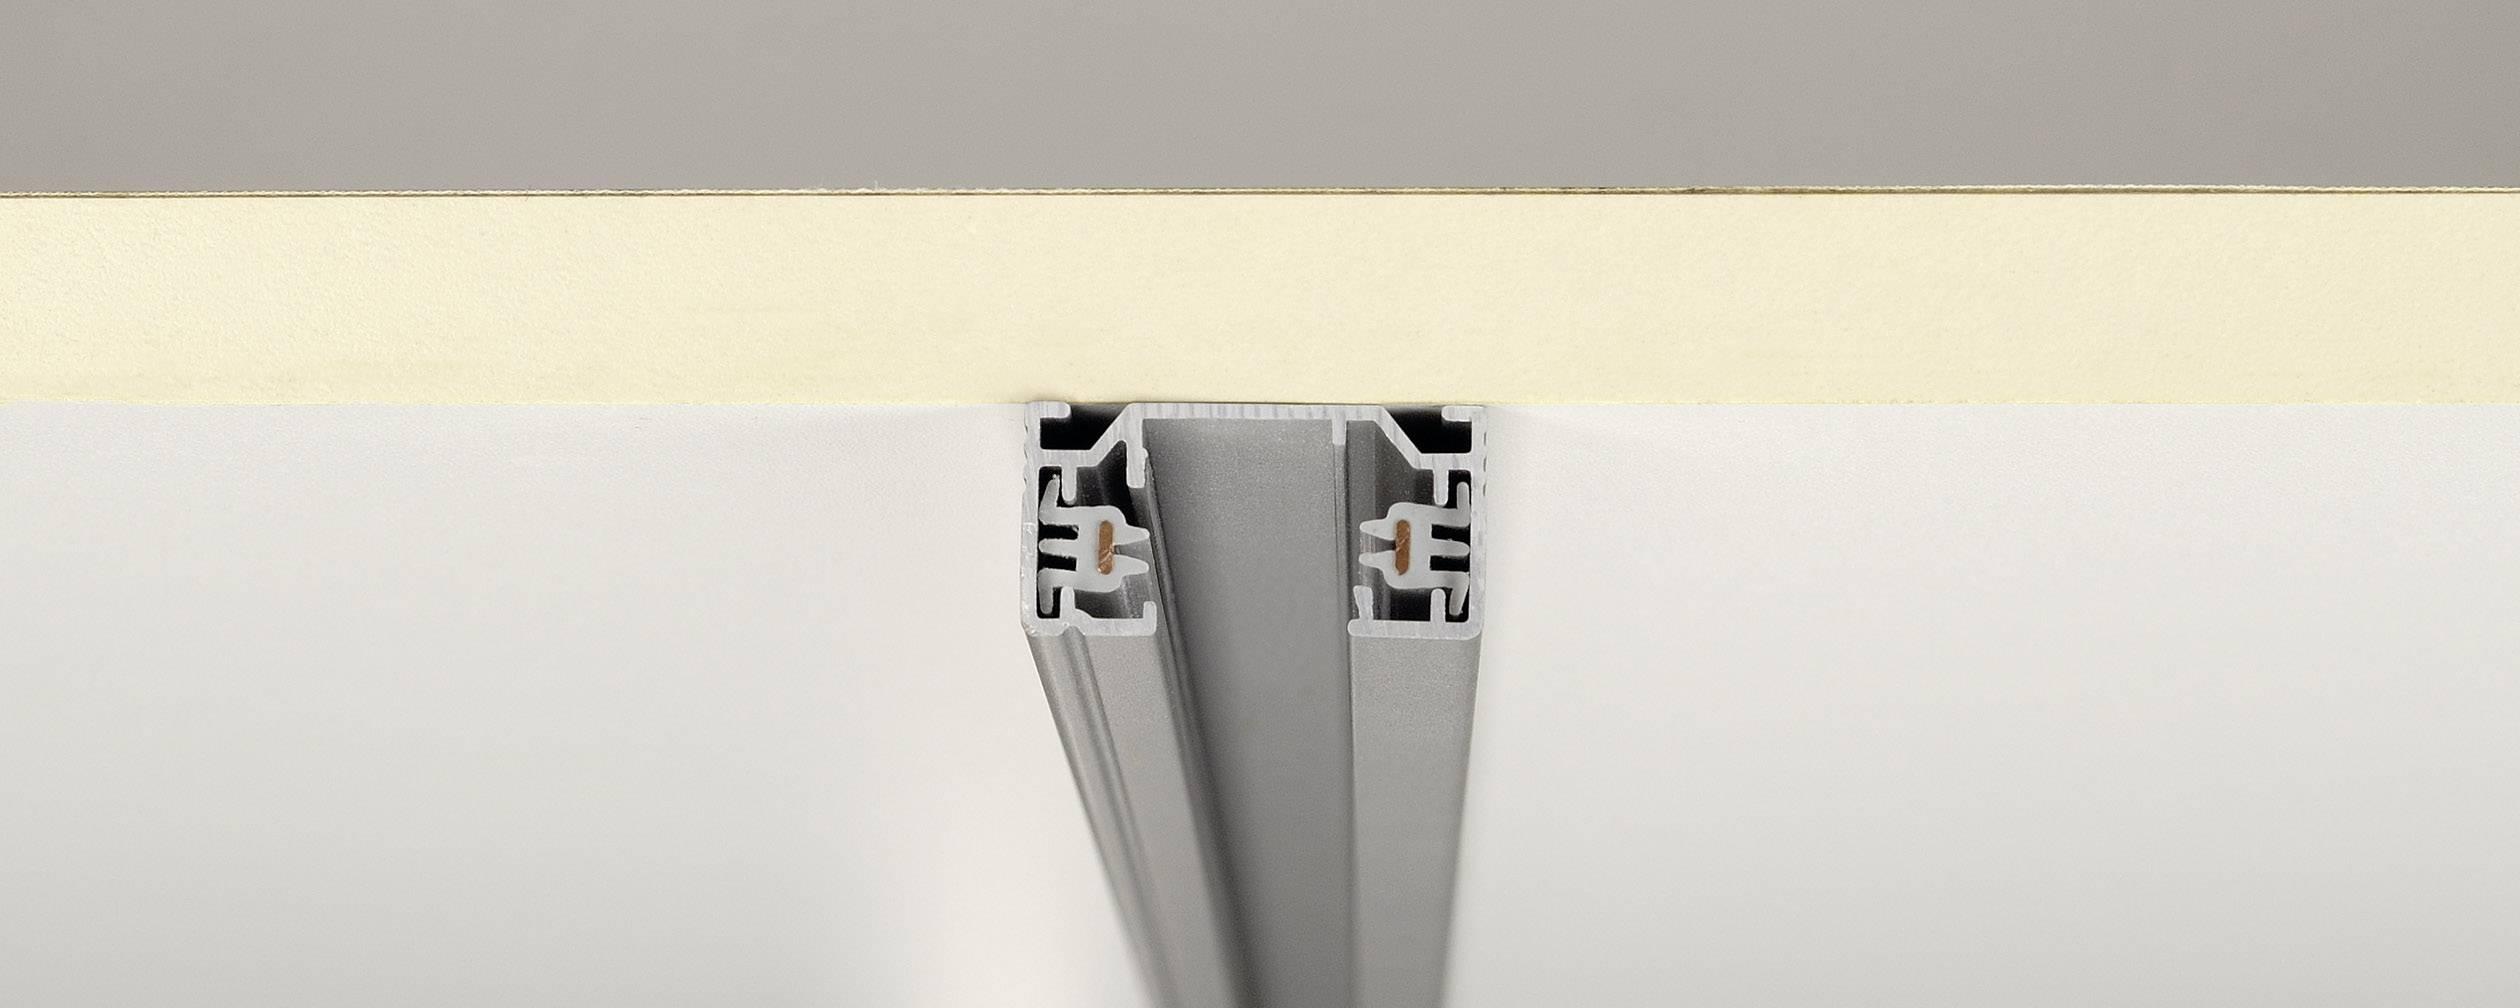 Vysokonapěťová kolejnice SLV, 143012, 1fázová, 230 V, 1 m, stříbrná